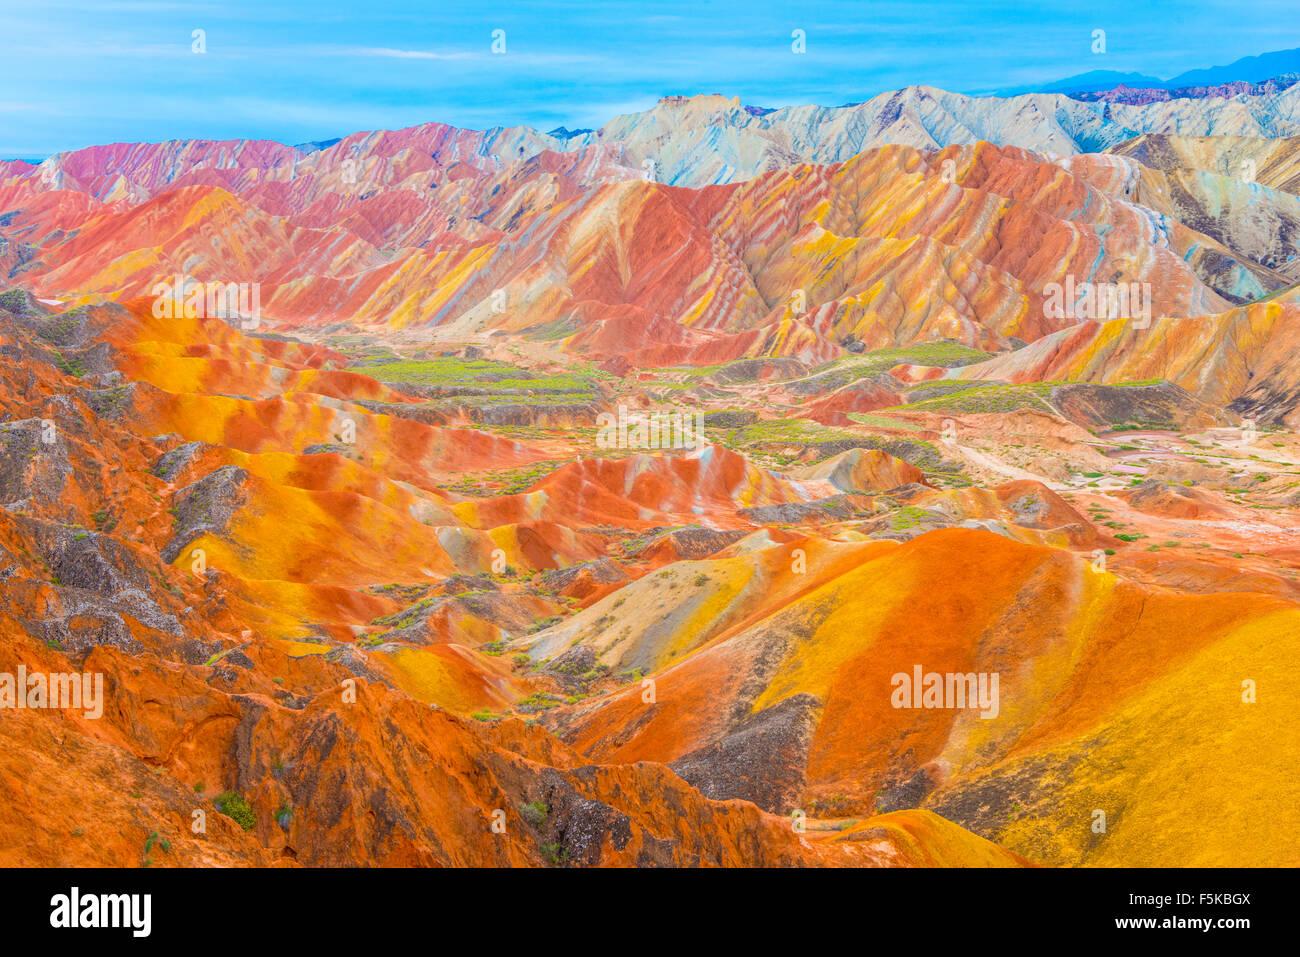 Formularios en Zhanhye Coloful Danxie Geo Park, provincia de Gansu, China Ballands erosionado en múltiples Imagen De Stock